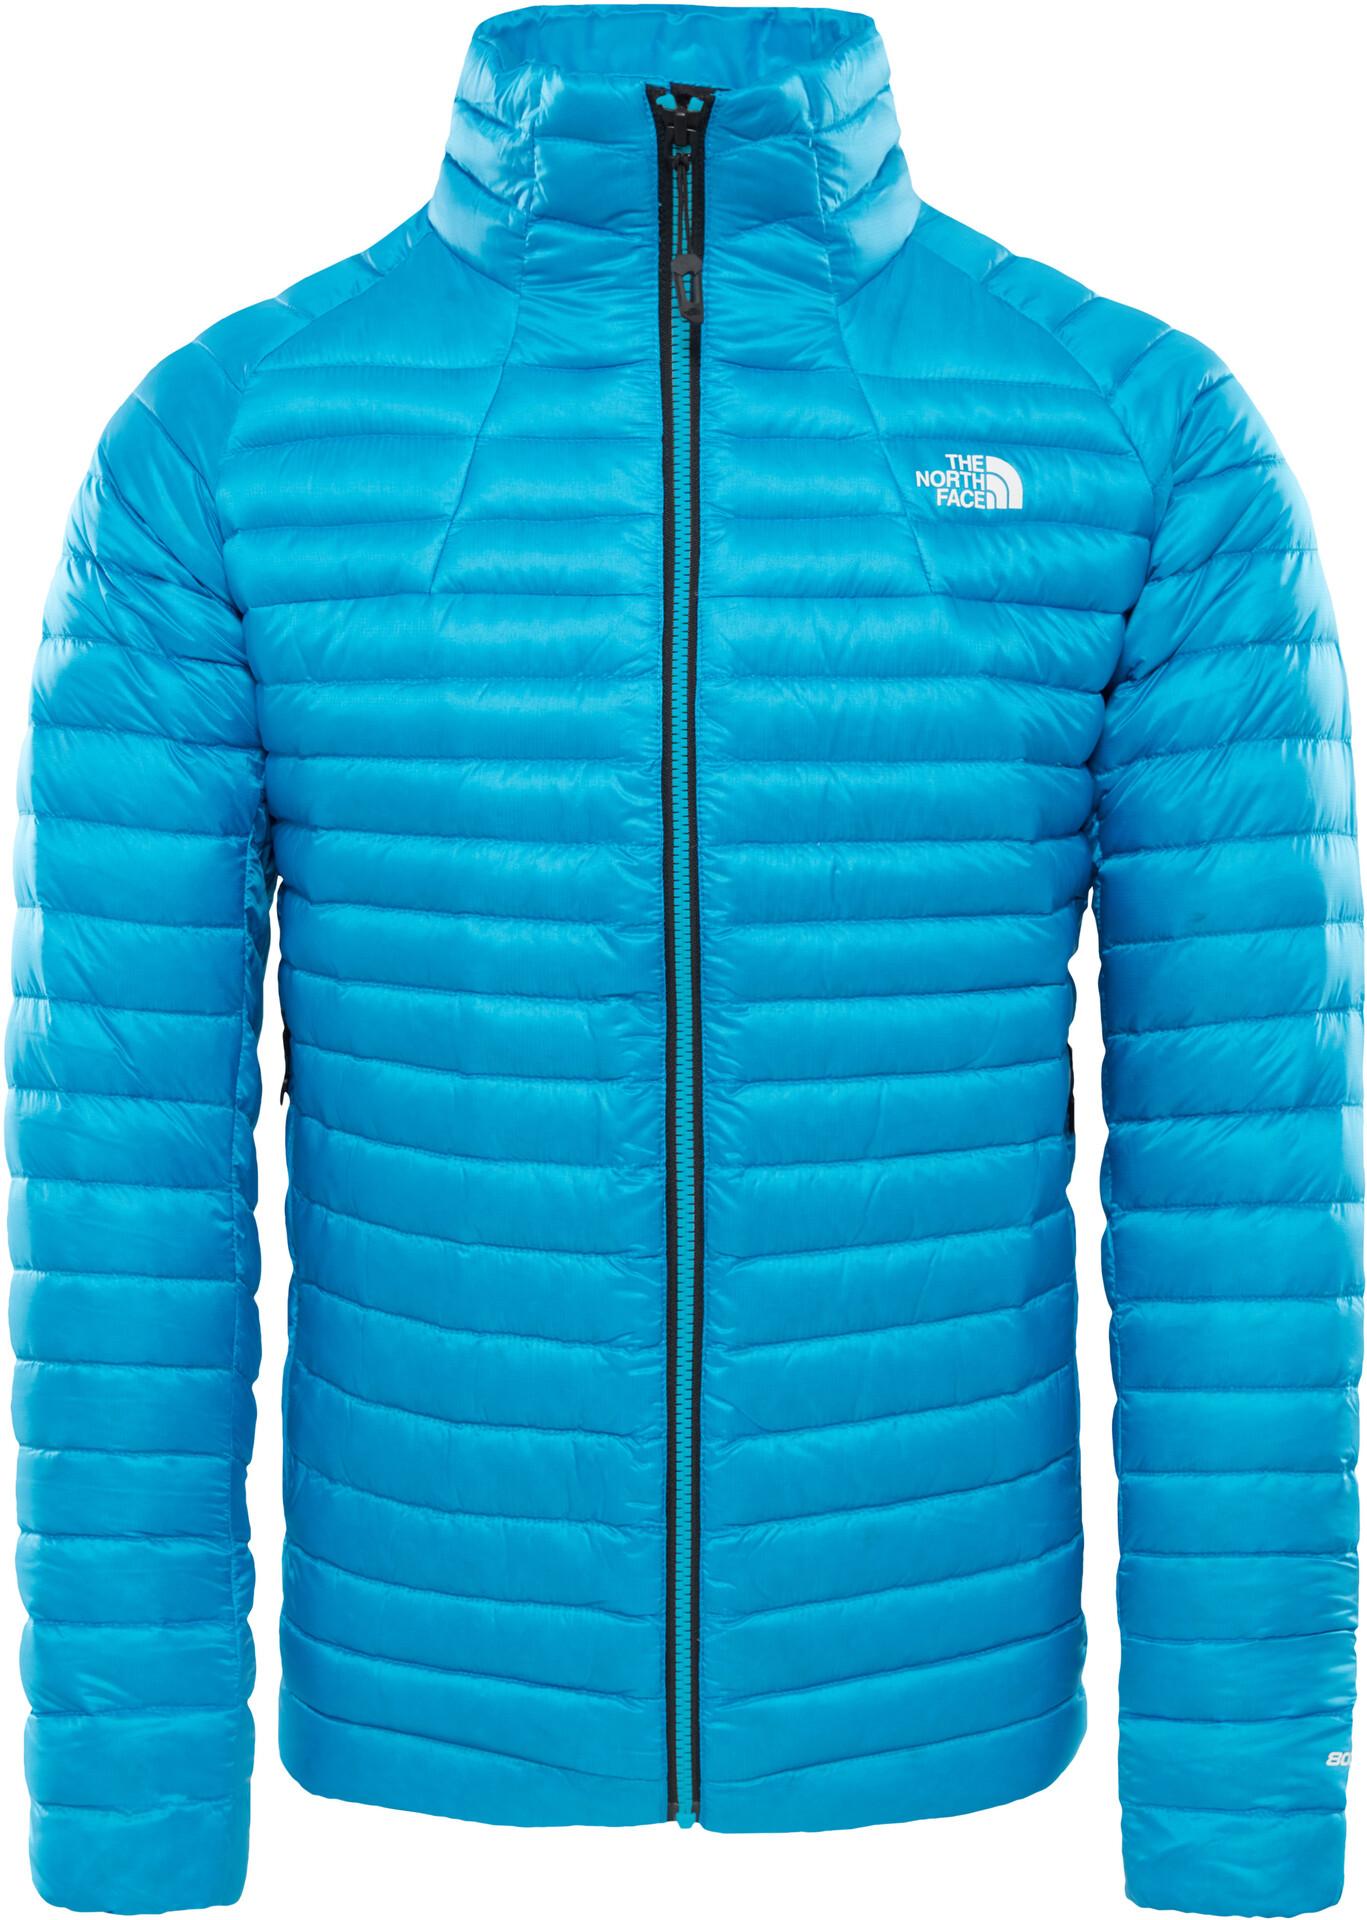 buscar el más nuevo comprar real vívido y de gran estilo Ropa de hombre chaqueta plumas the north face ...